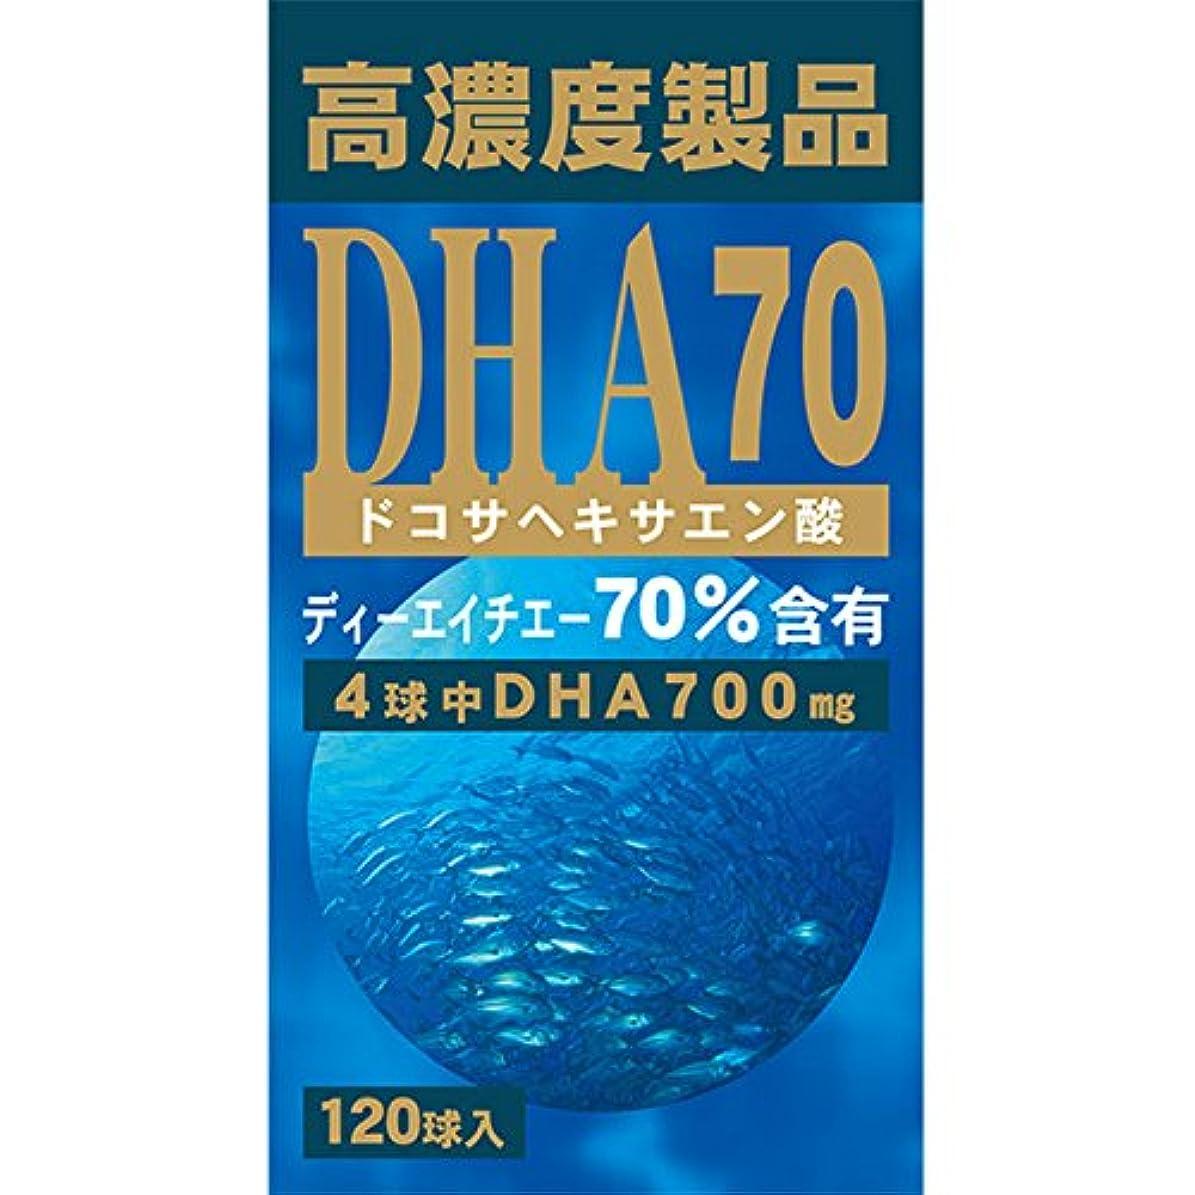 インサートクリスチャン忌み嫌う高濃度DHA70 120球